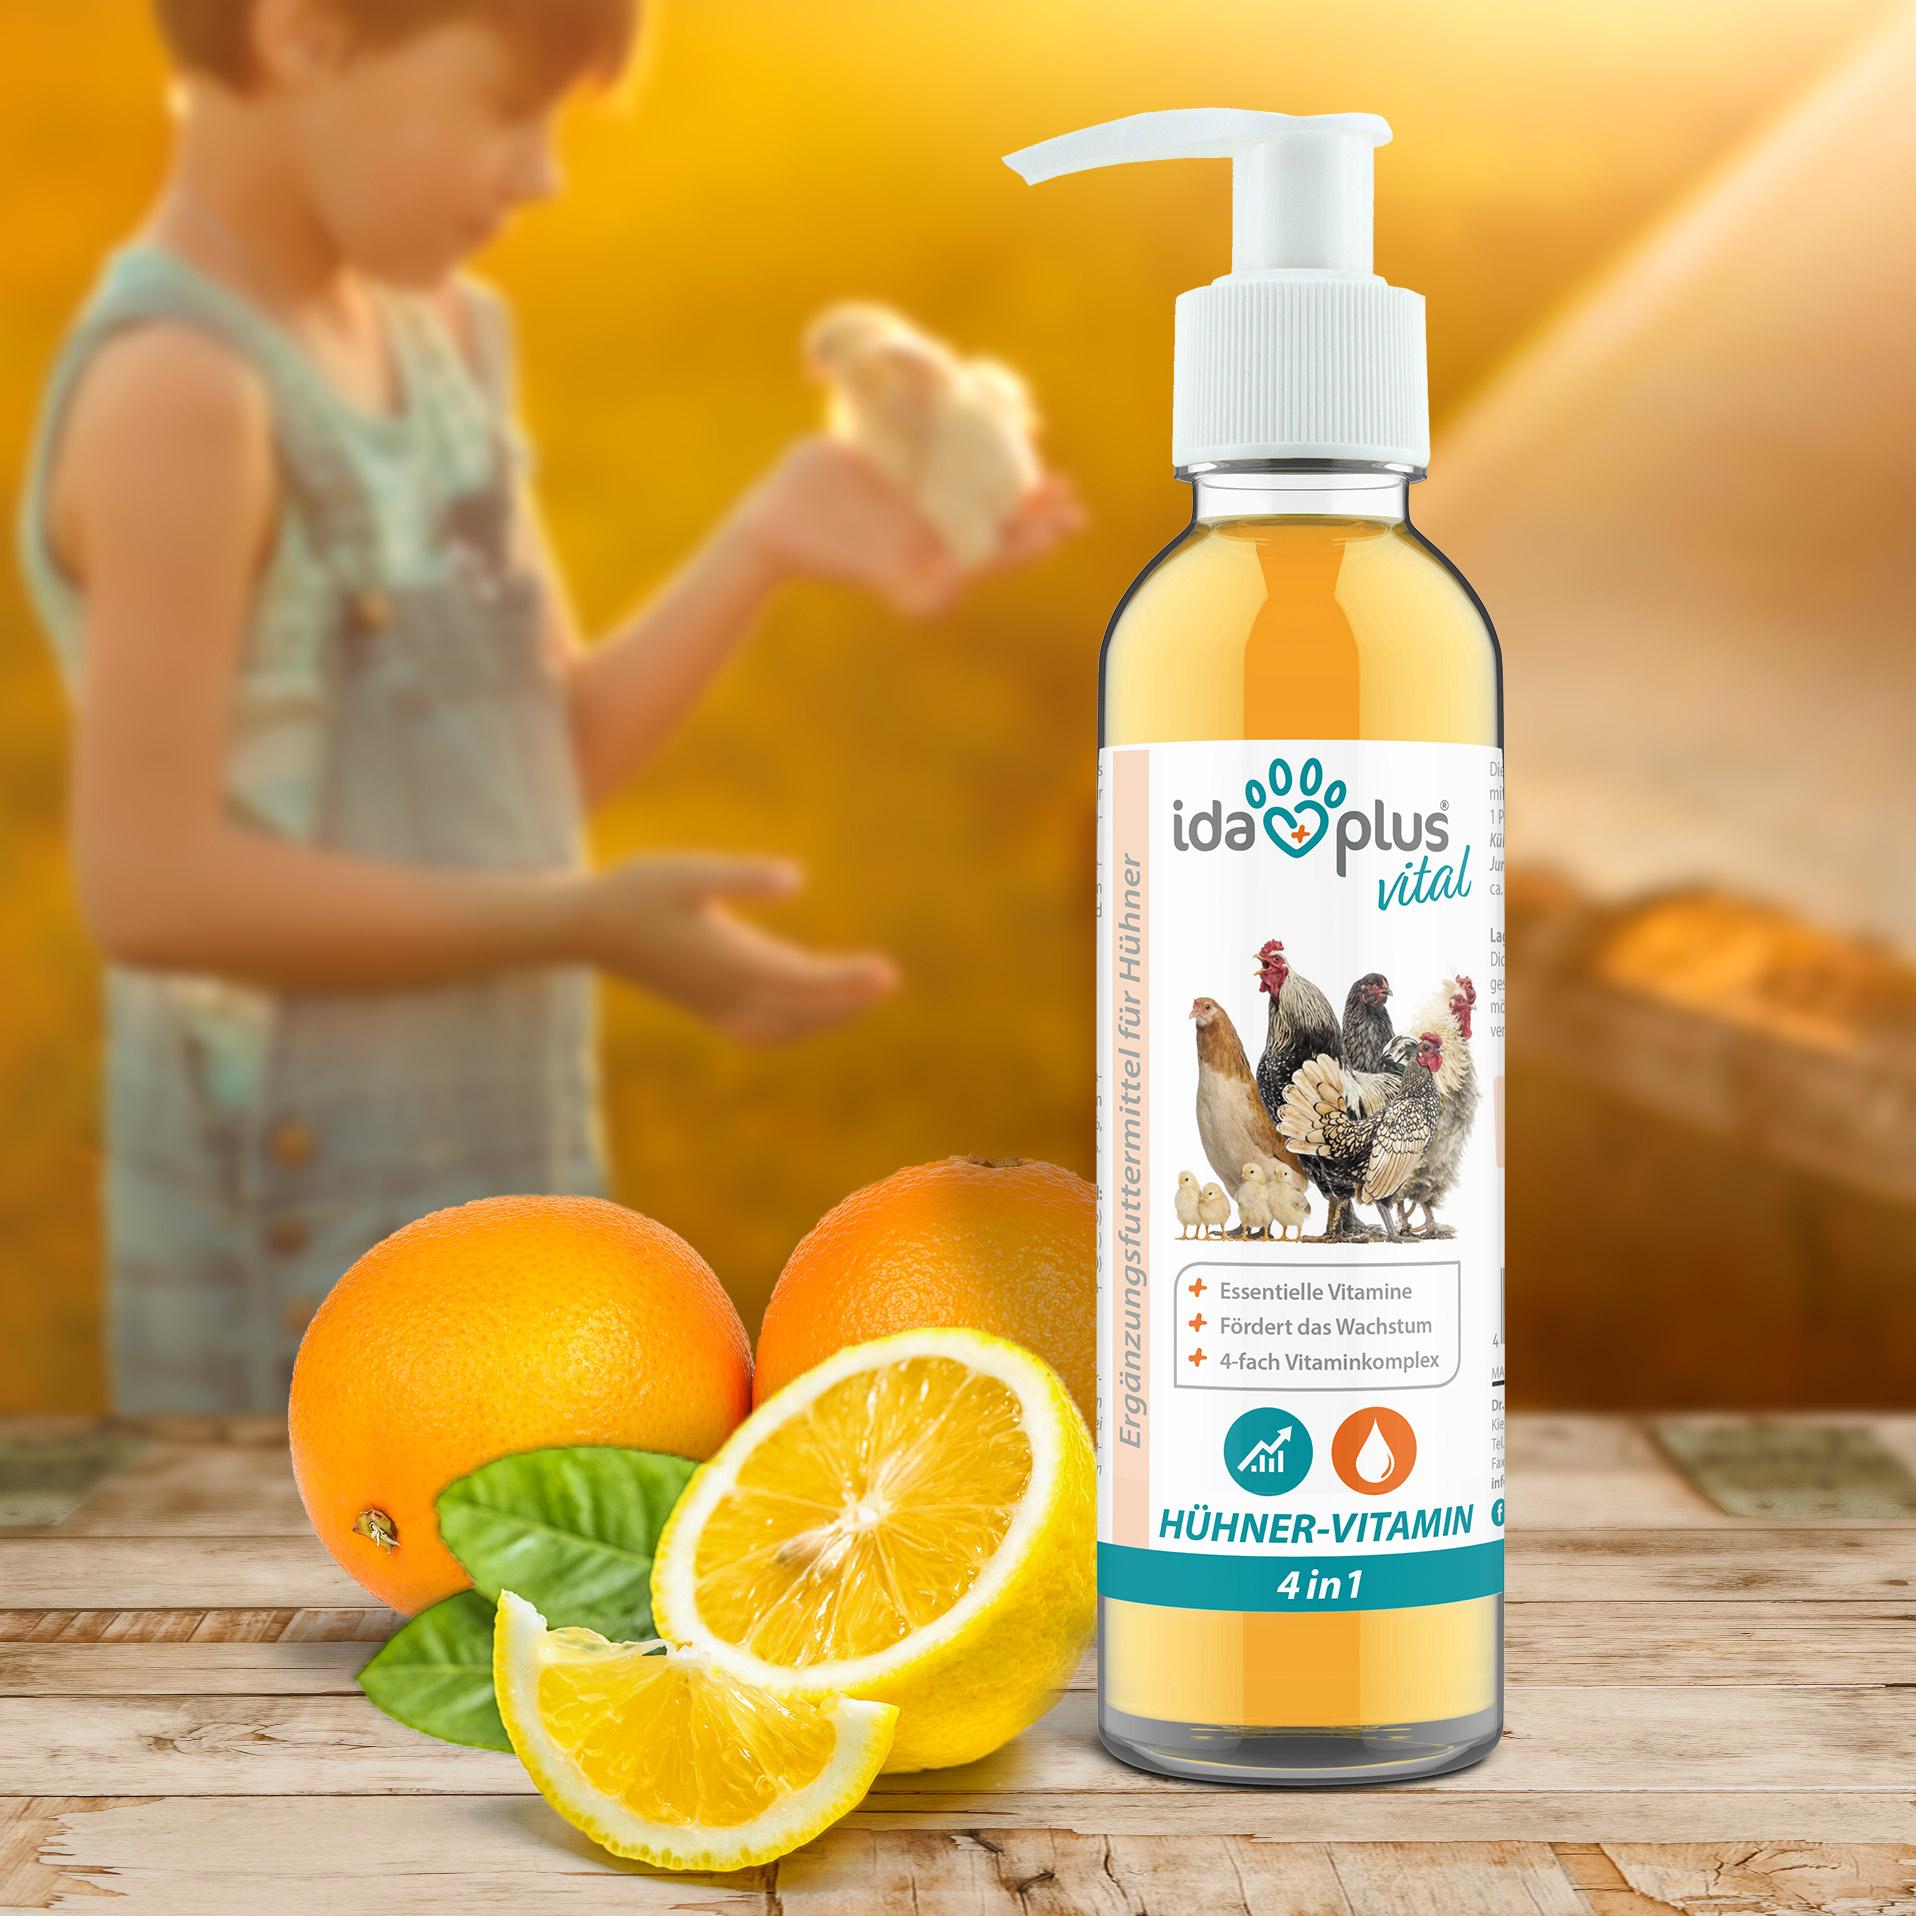 Hühner-Vitamin 4in1 – Vitaminkonzentrat für starke Abwehrkräfte - 200 ml